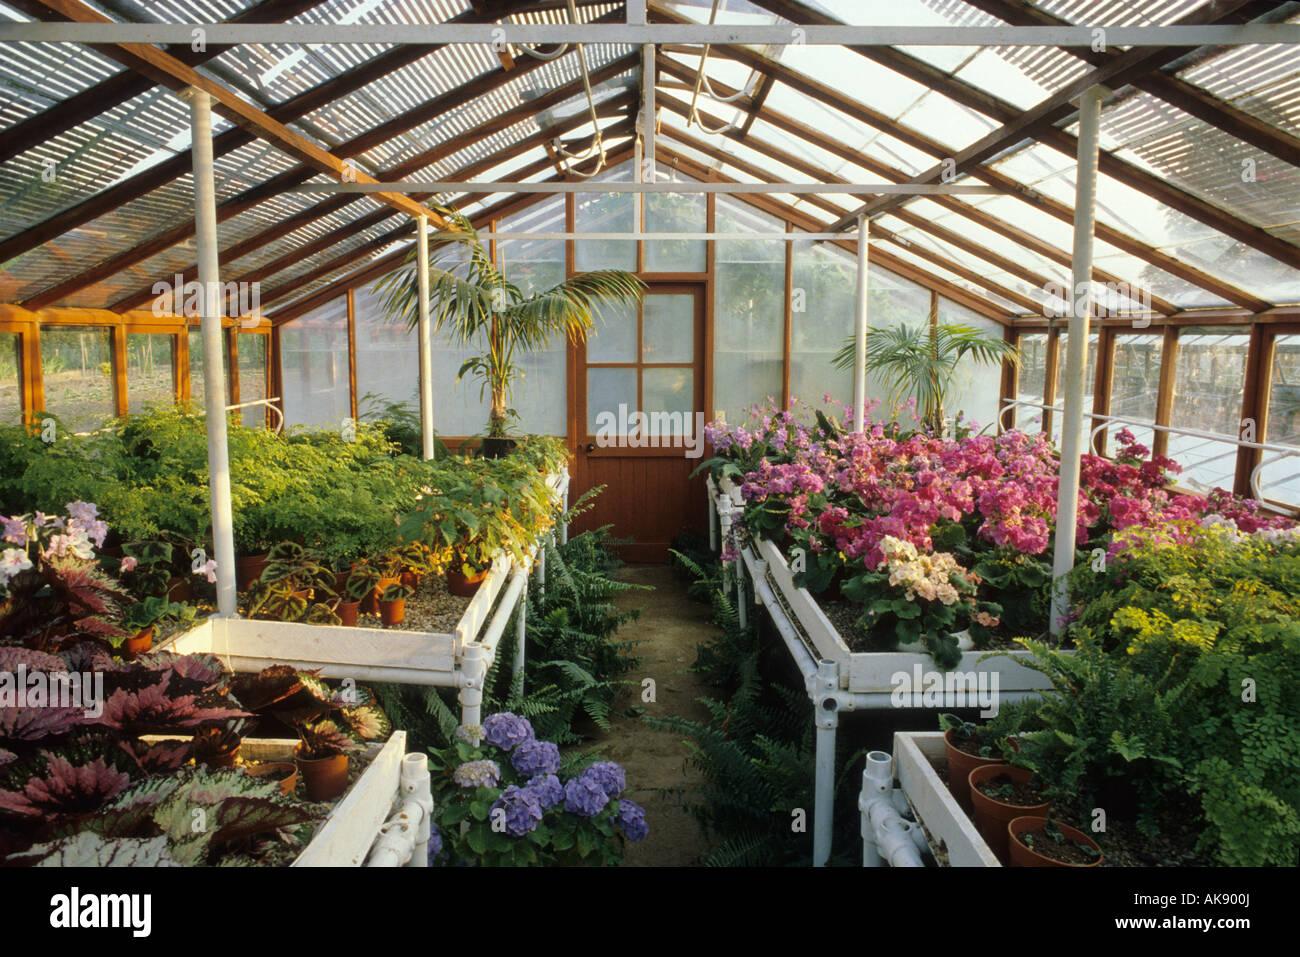 Schattenliebende Pflanzen garten berkshire große gewächshaus mit lattenrost dach